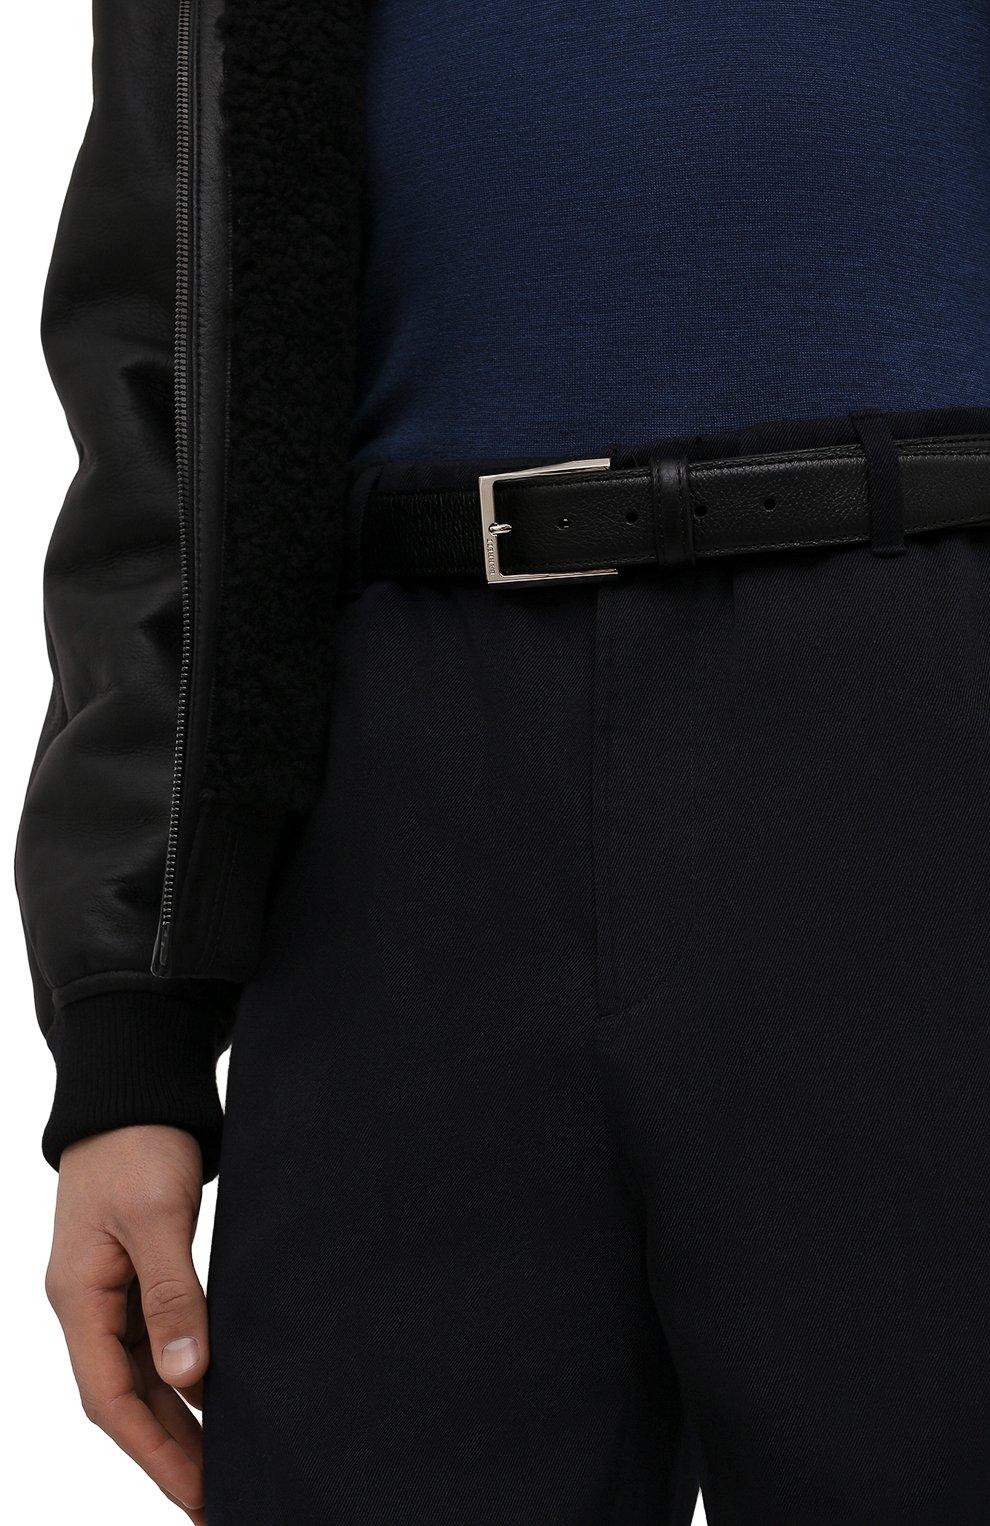 Мужской кожаный ремень с металлической пряжкой BARRETT черного цвета, арт. 61B507.1/CERV0 | Фото 2 (Случай: Формальный; Статус проверки: Проверено, Проверена категория)